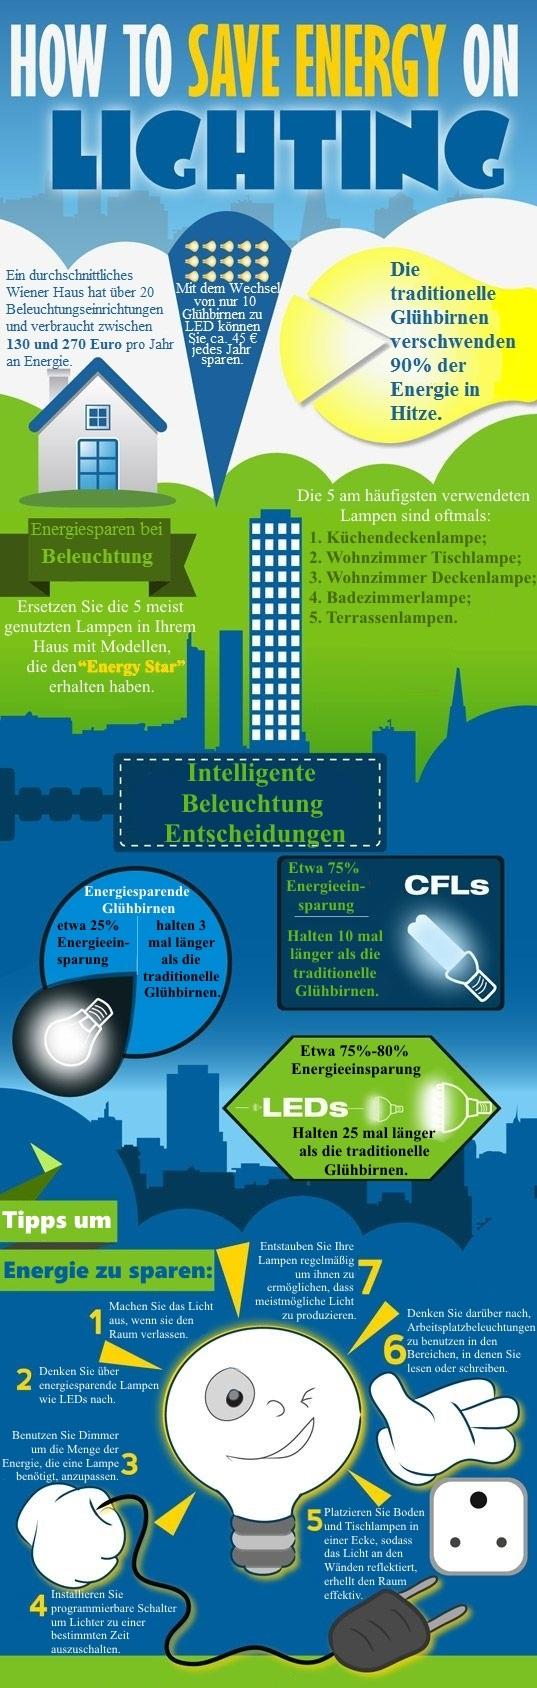 Wie Man Energie Bei Beleuchtung Sparen Kann